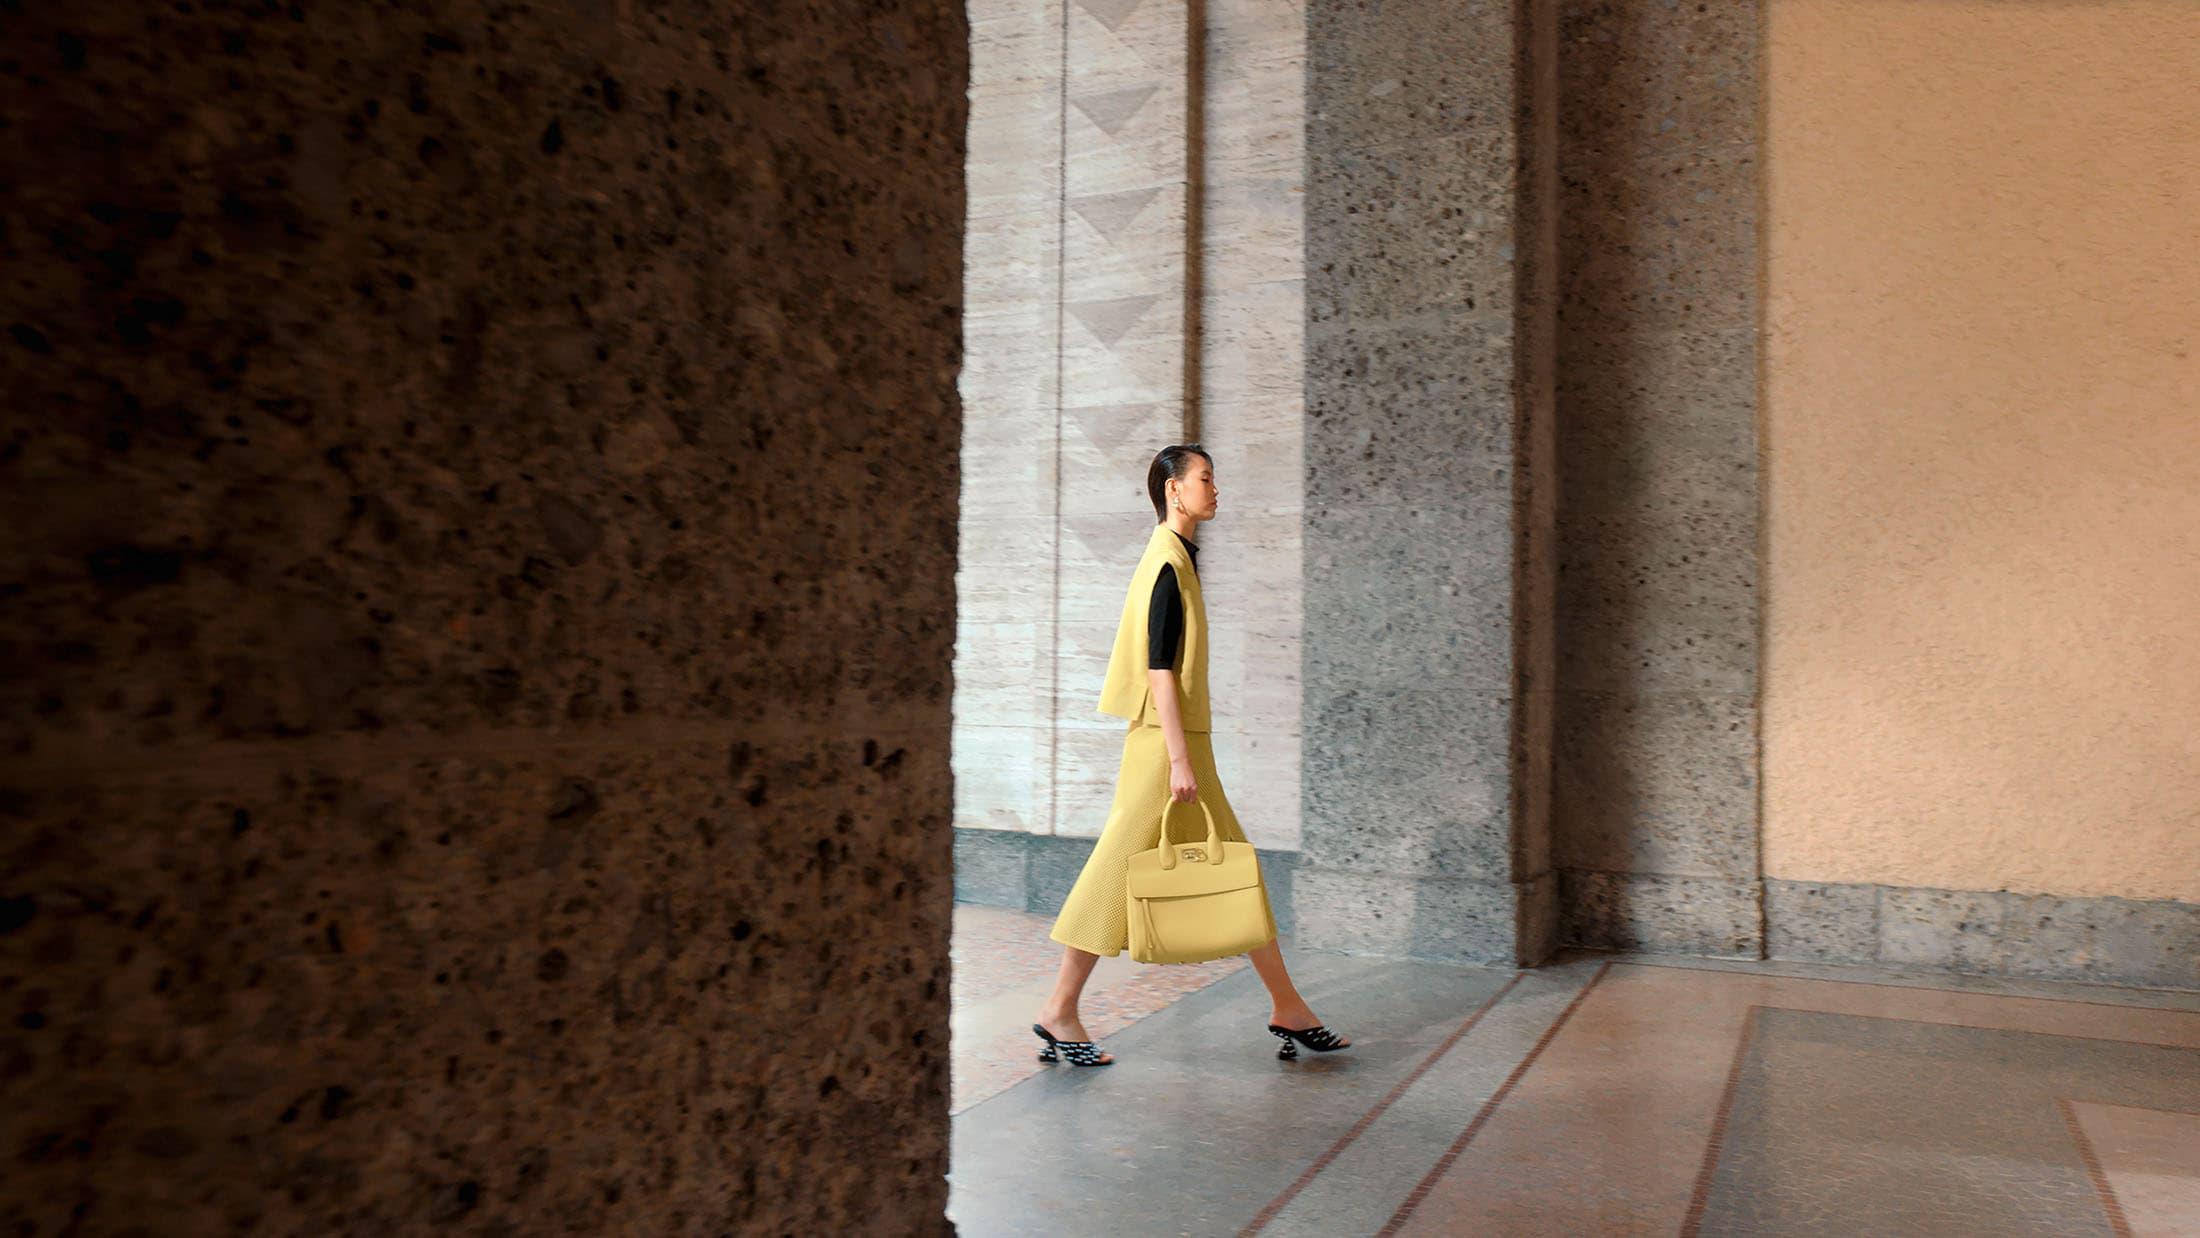 Salvatore Ferragamo Spring 2021 Ad Campaign Film & Photos